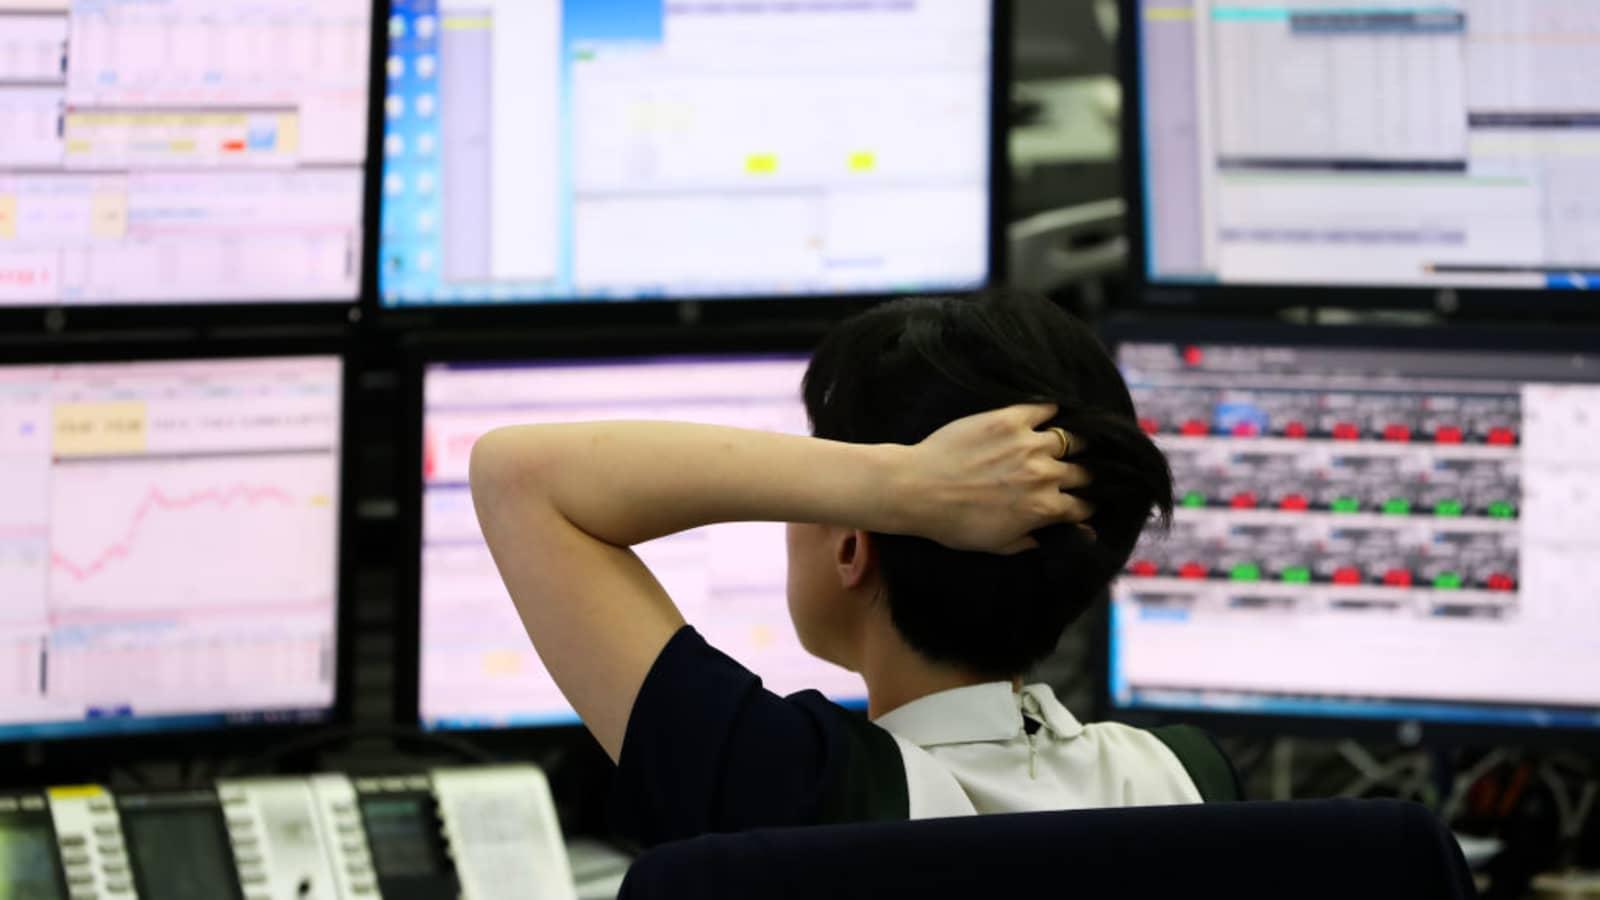 Chứng khoán châu Á giảm, giá dầu đi xuống sau khi OPEC+ nhất trí tăng sản lượng